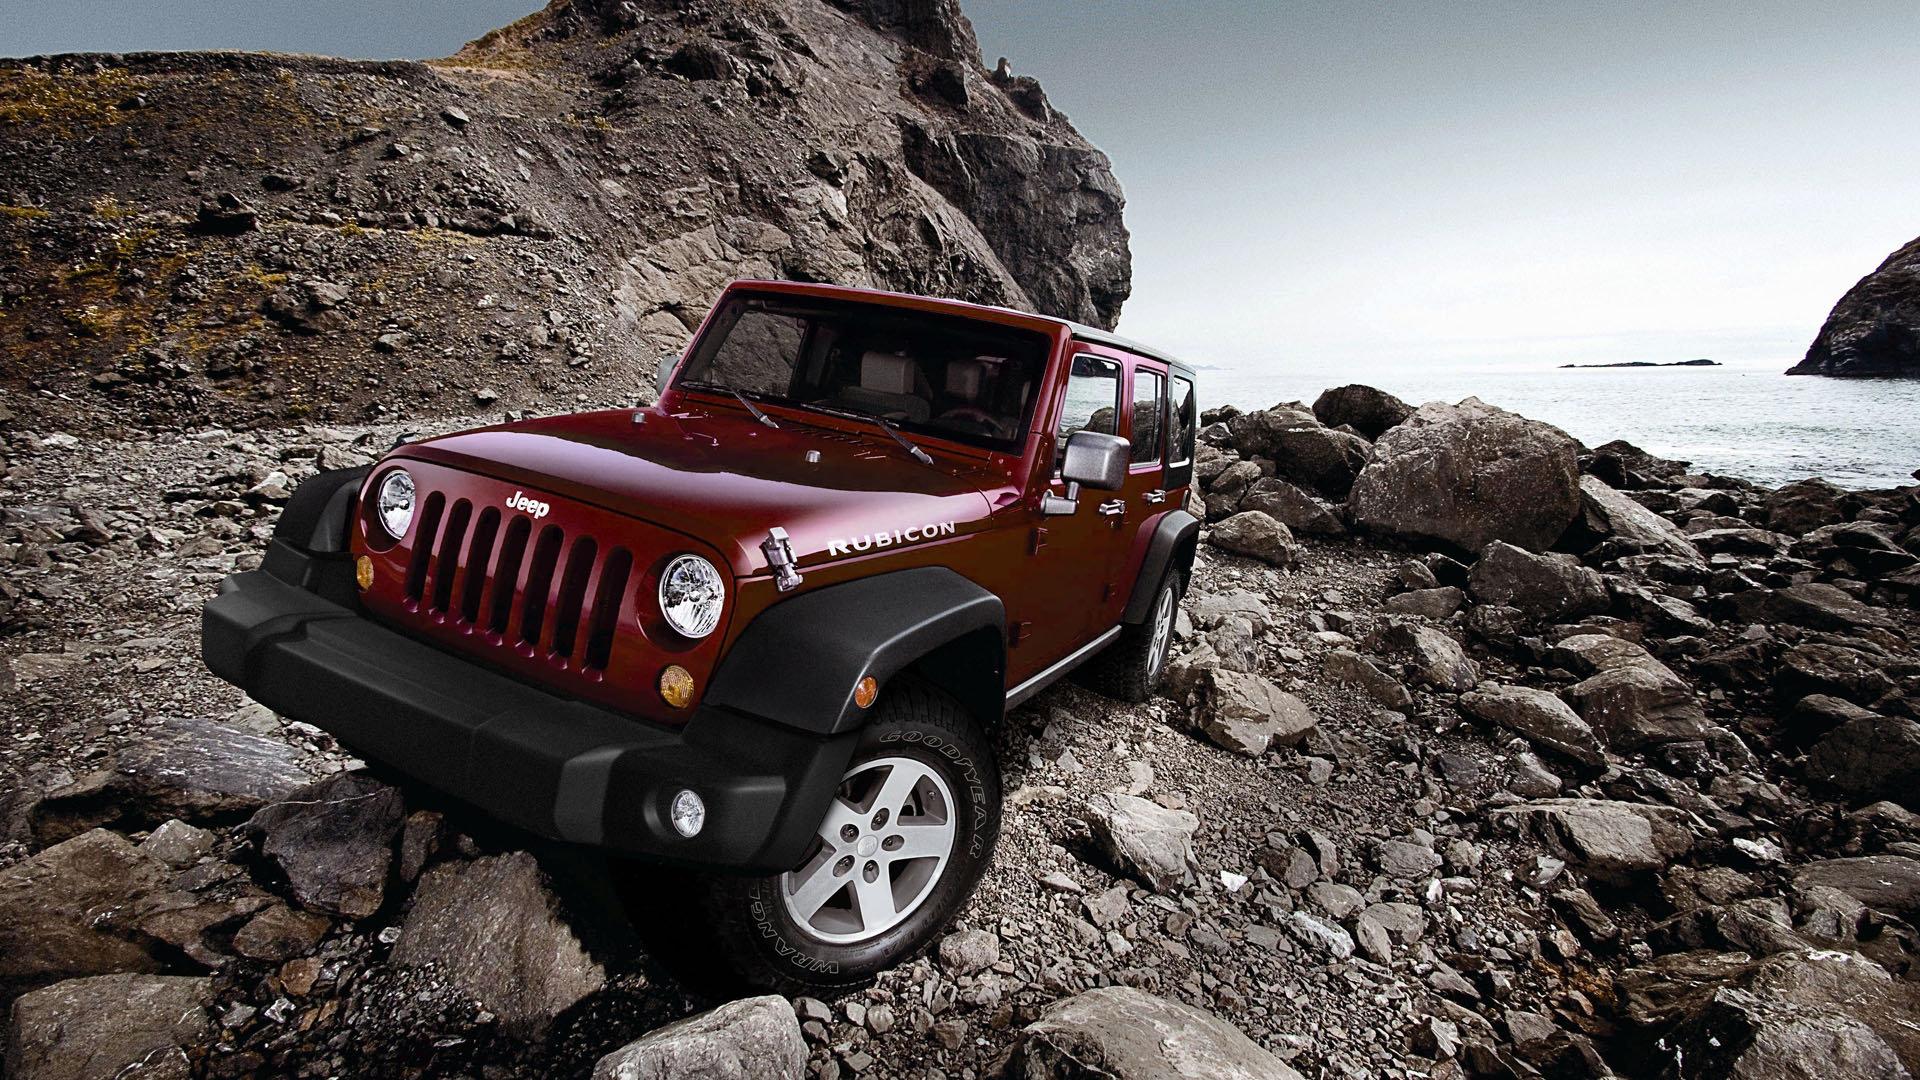 吉普牧马人 敞篷 jeep